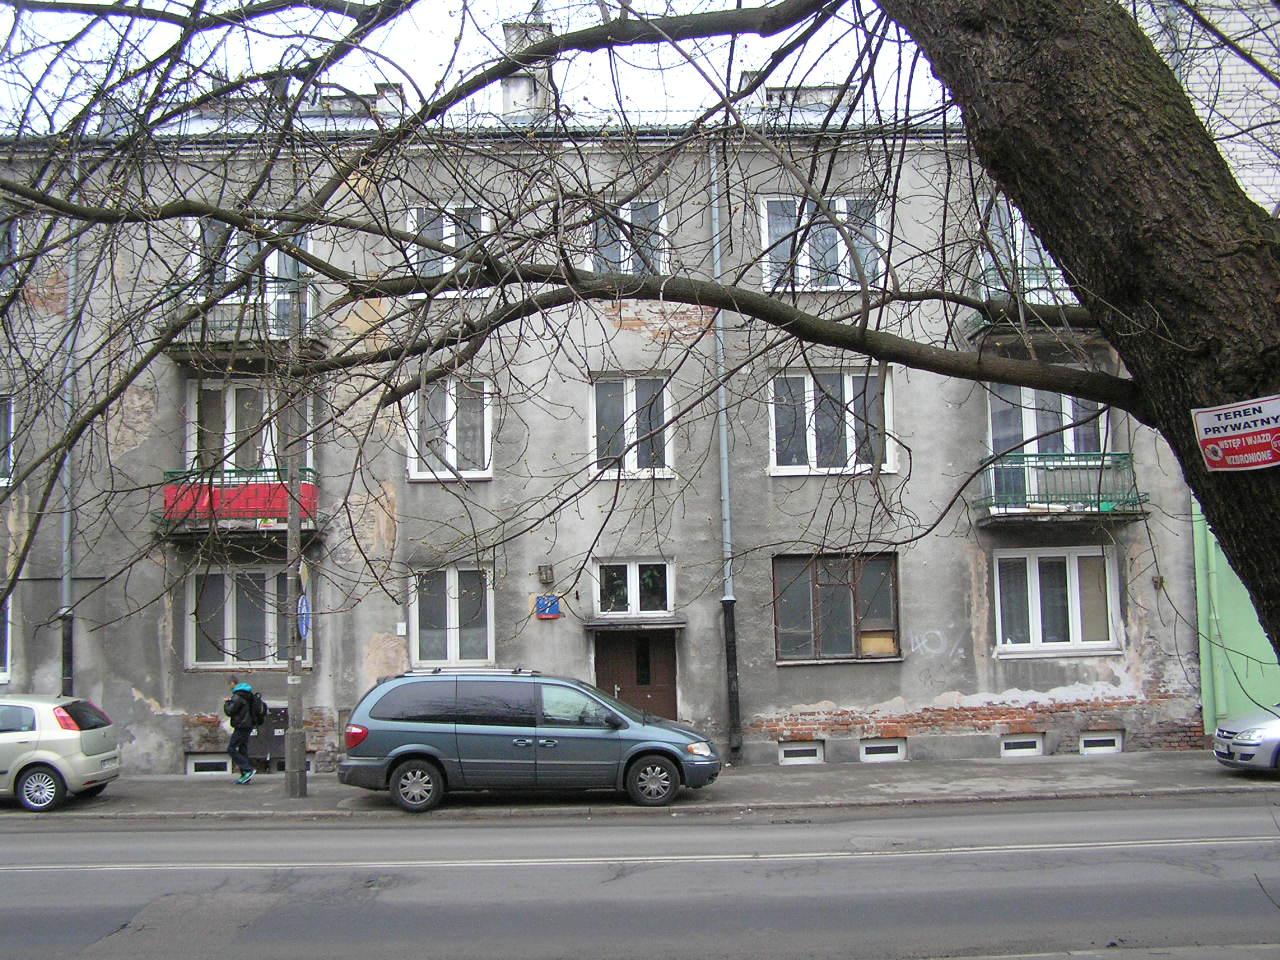 Kamienica przy ulicy Wiatracznej 7 na Grochowie